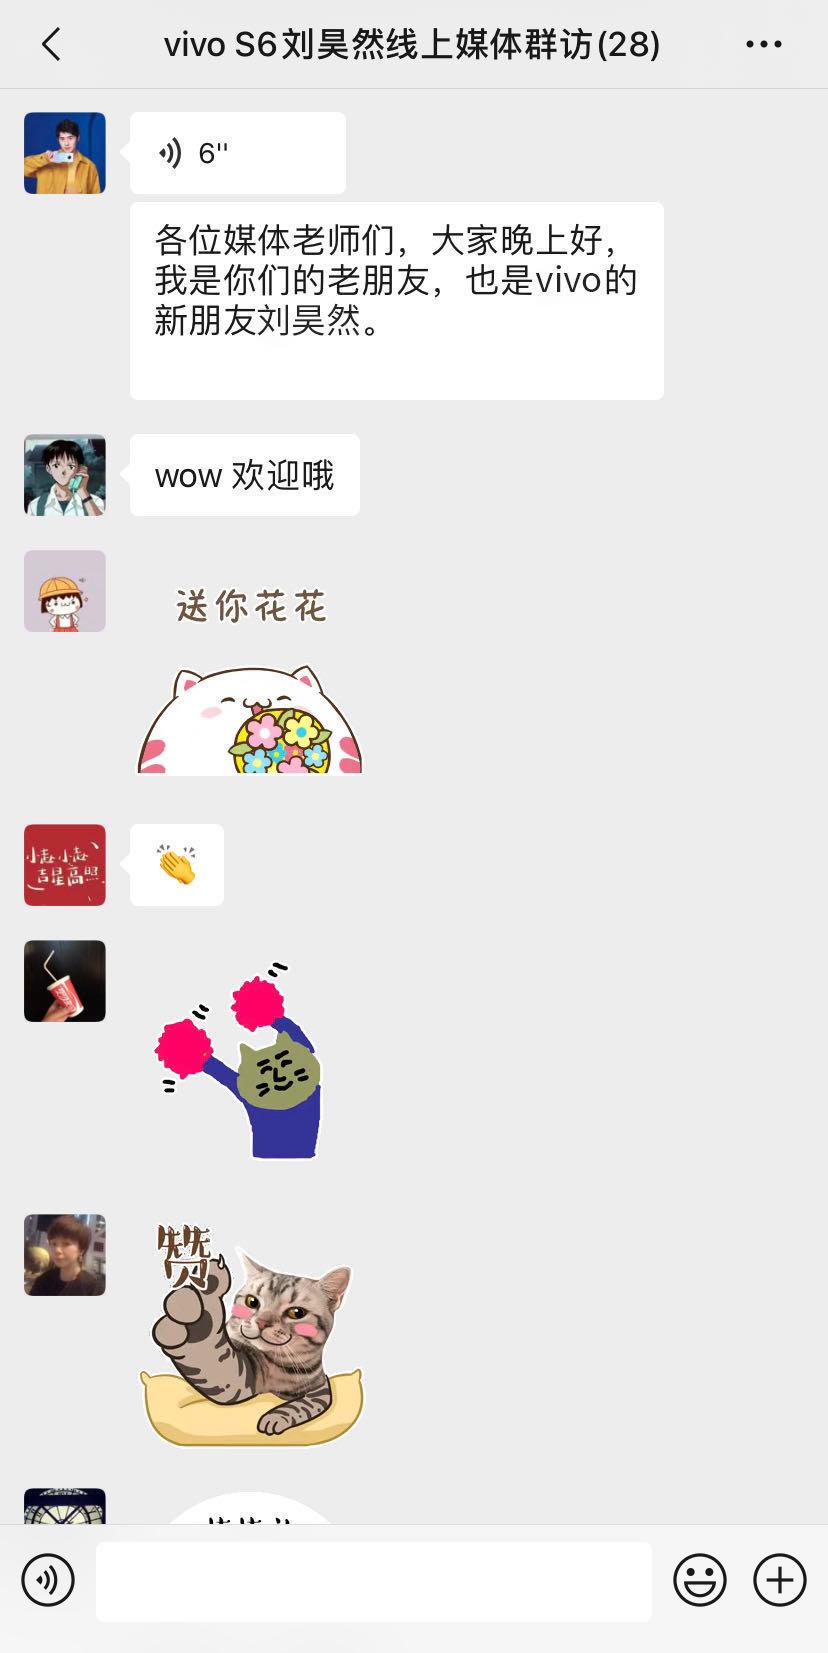 刘昊然分享自拍技巧,粉丝:是新代言给你的勇气吗?